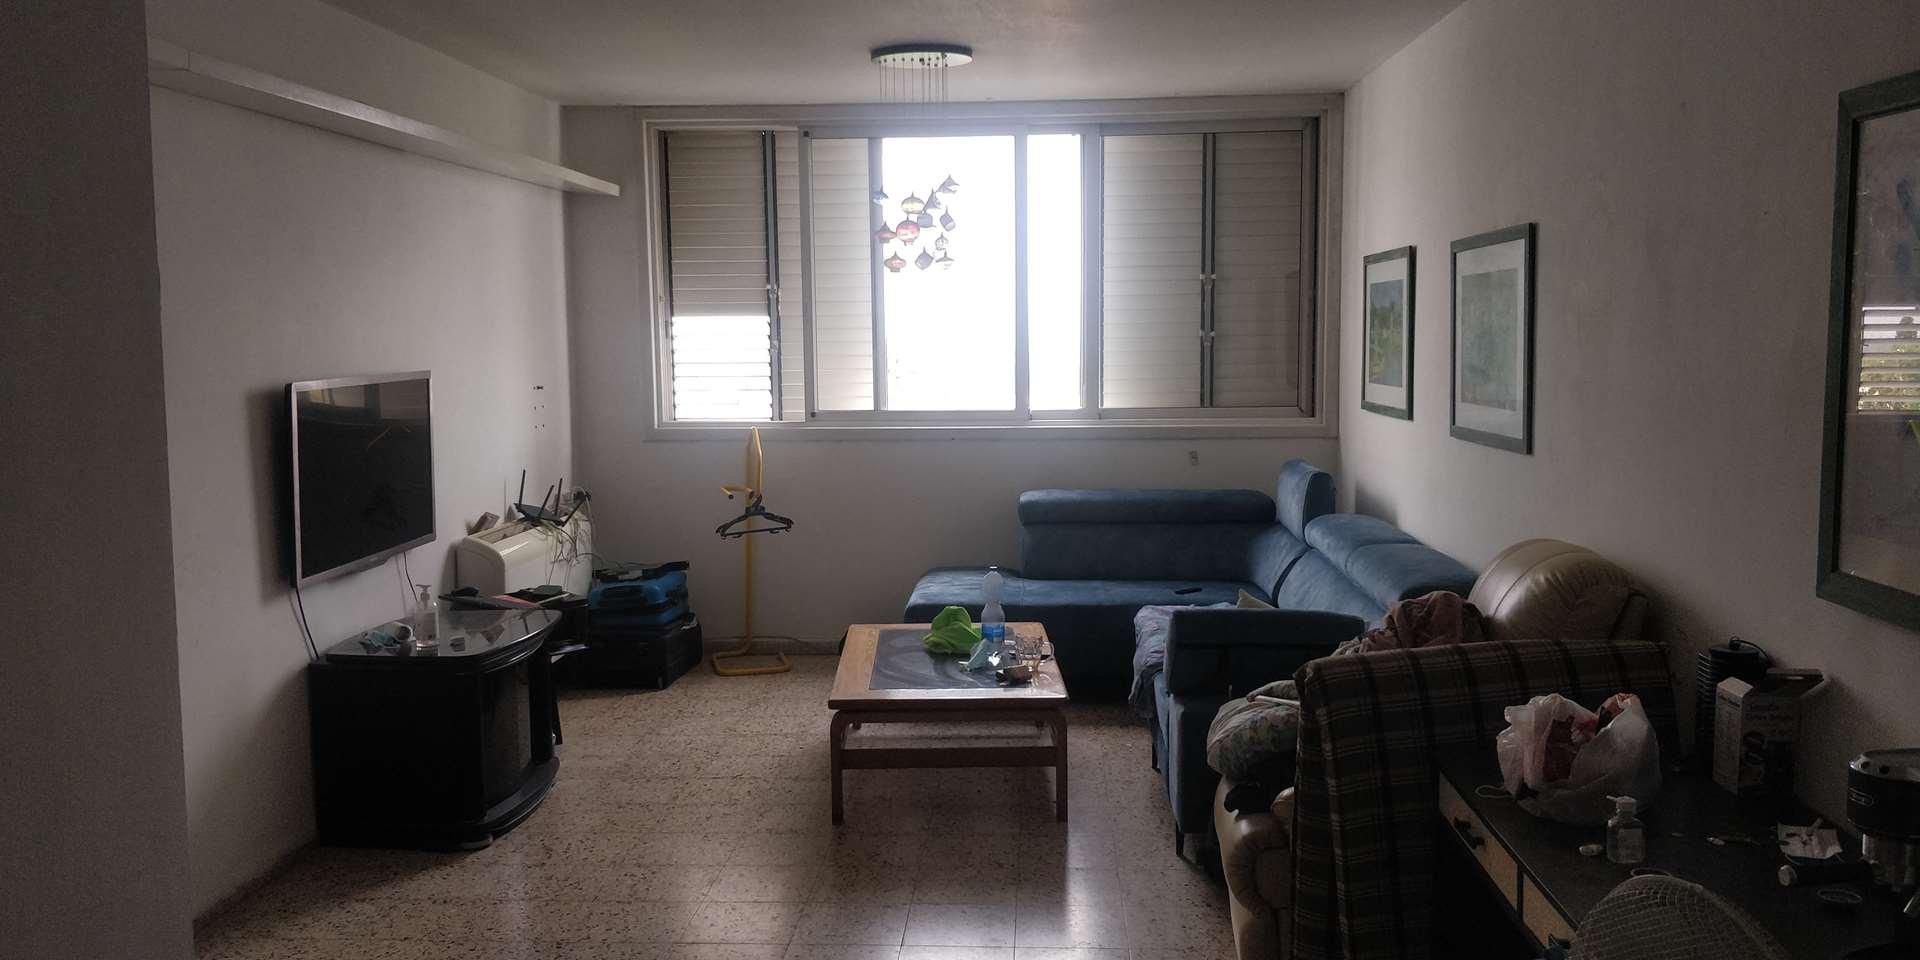 דירה לשותפים 3 חדרים ברמת השרון סוקולוב